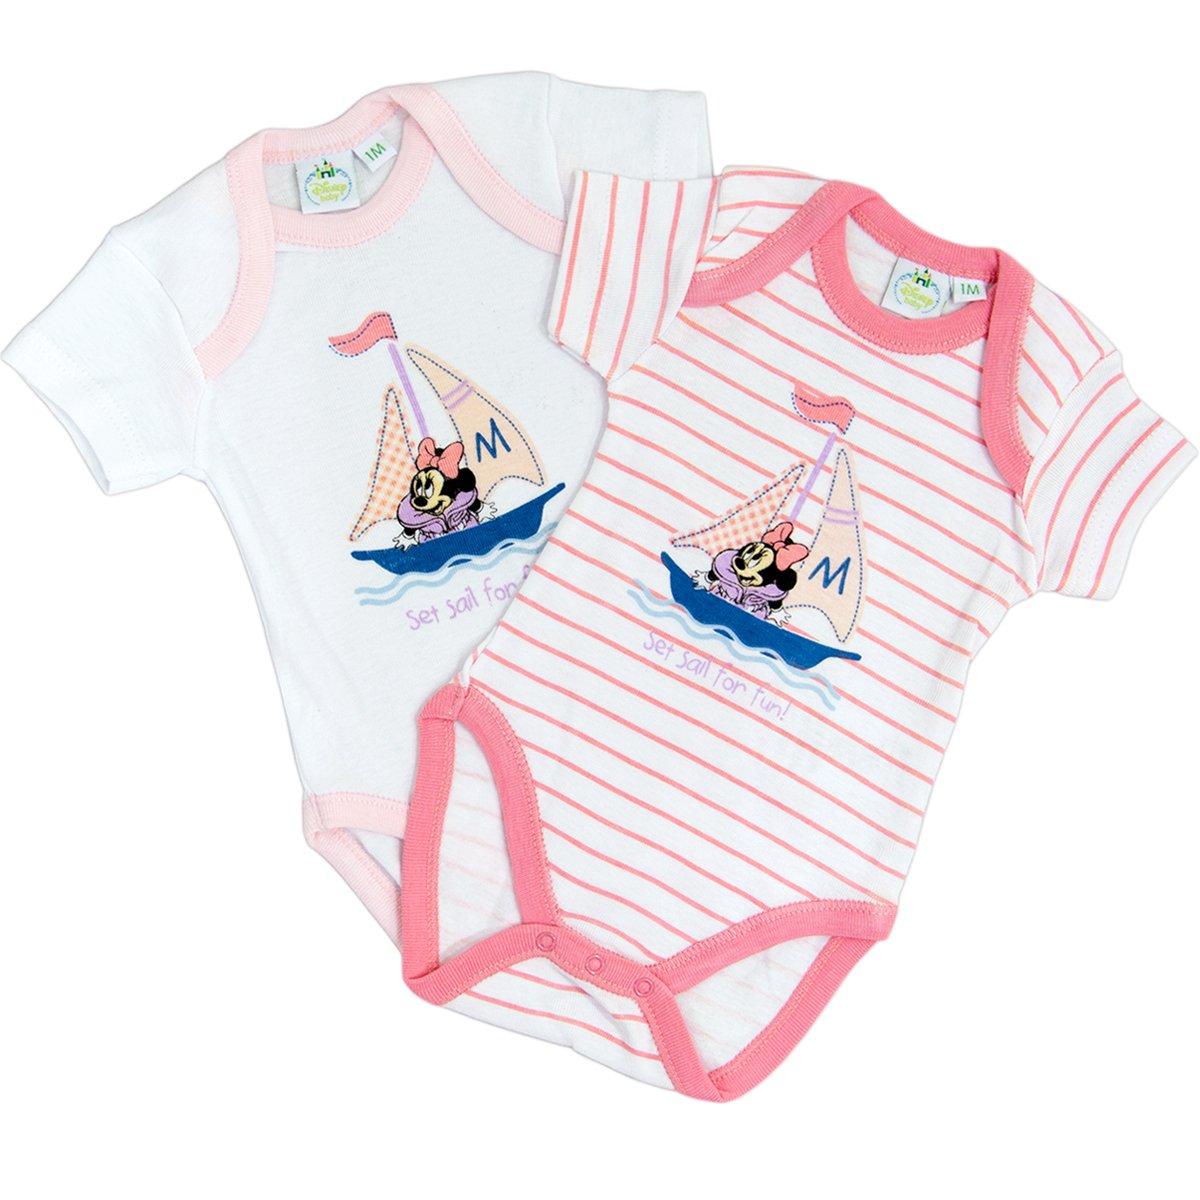 Minnie Confezione 2 body neonata mezza manica puro cotone DISNEY art. WD101055R DSY-WD101055R